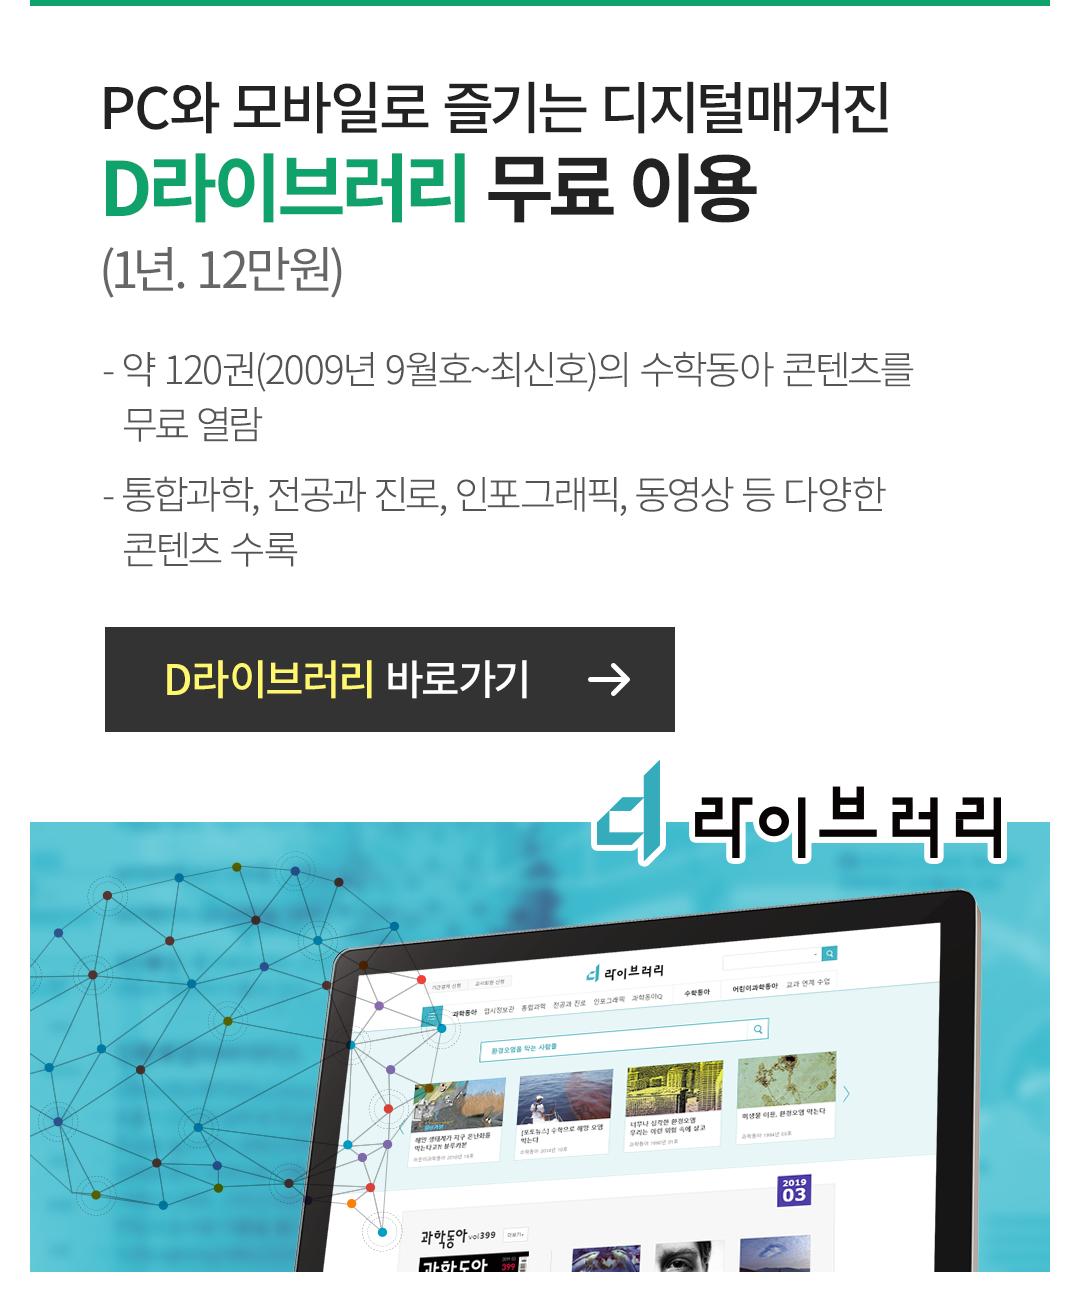 PC와 모바일로 즐기는 디지털매거진 D라이브러리 무료 이용 (1년. 12만원)